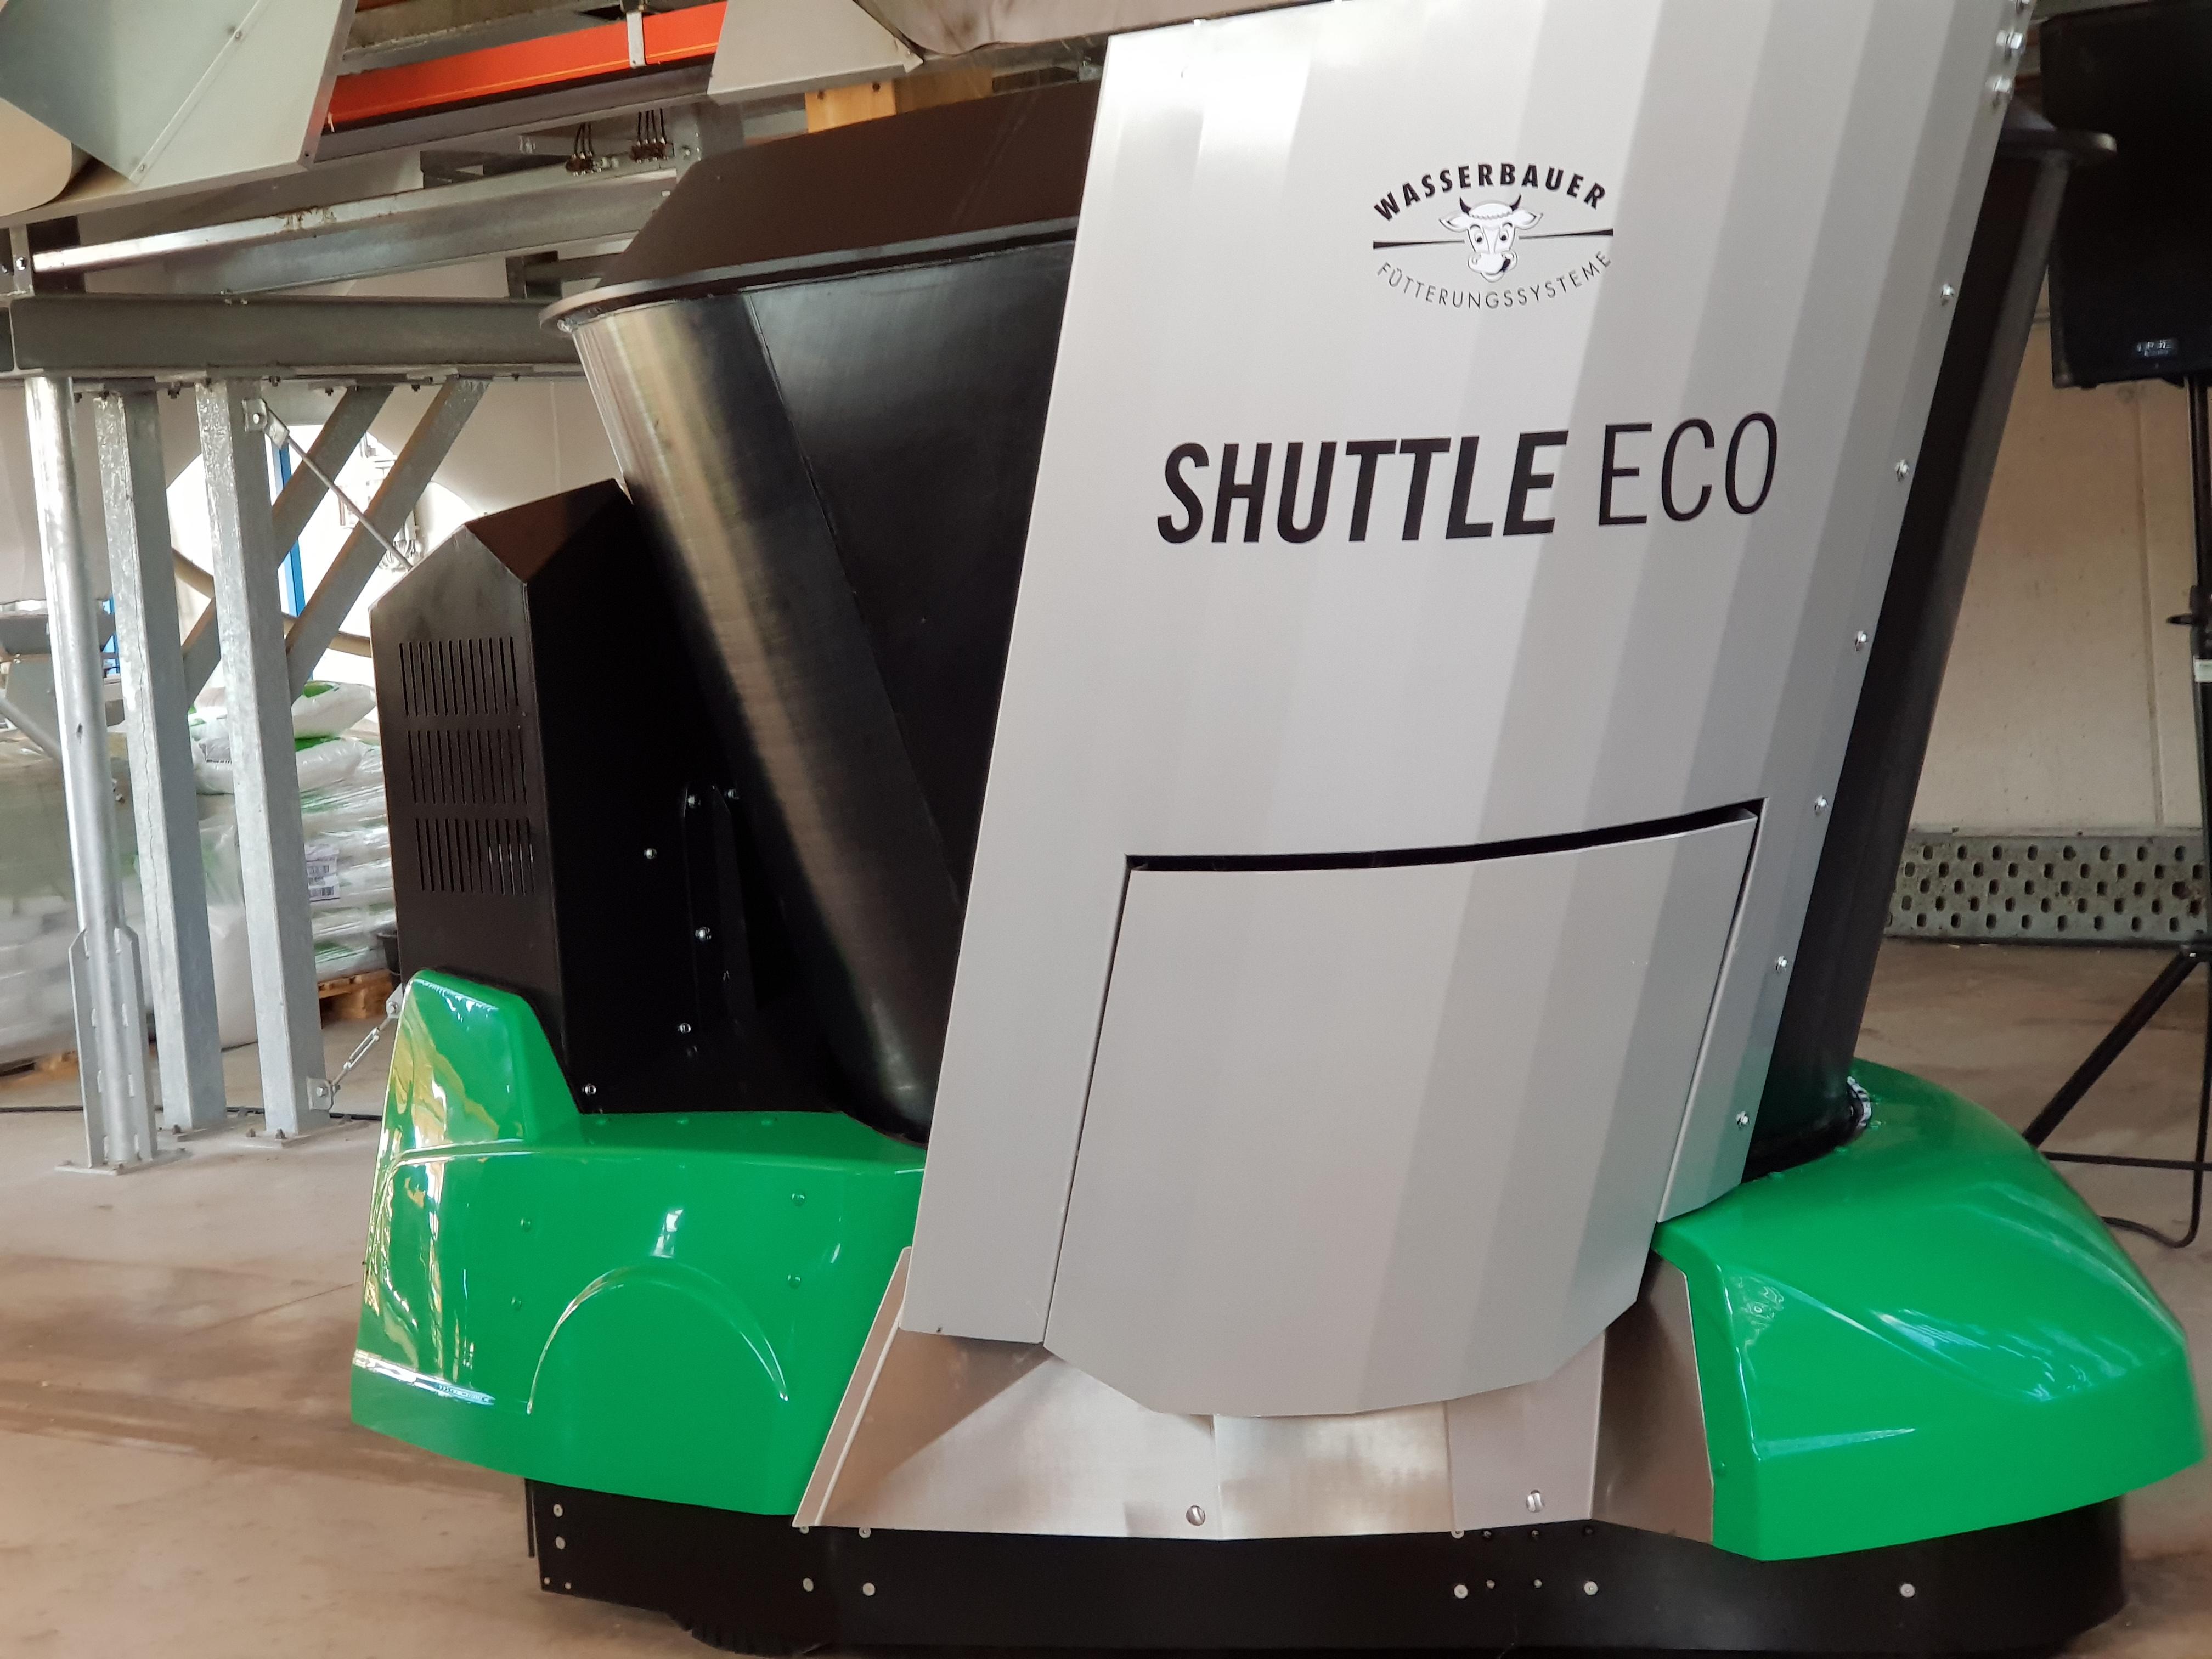 Shuttle Eco von Wasserbauer Fütterungssysteme